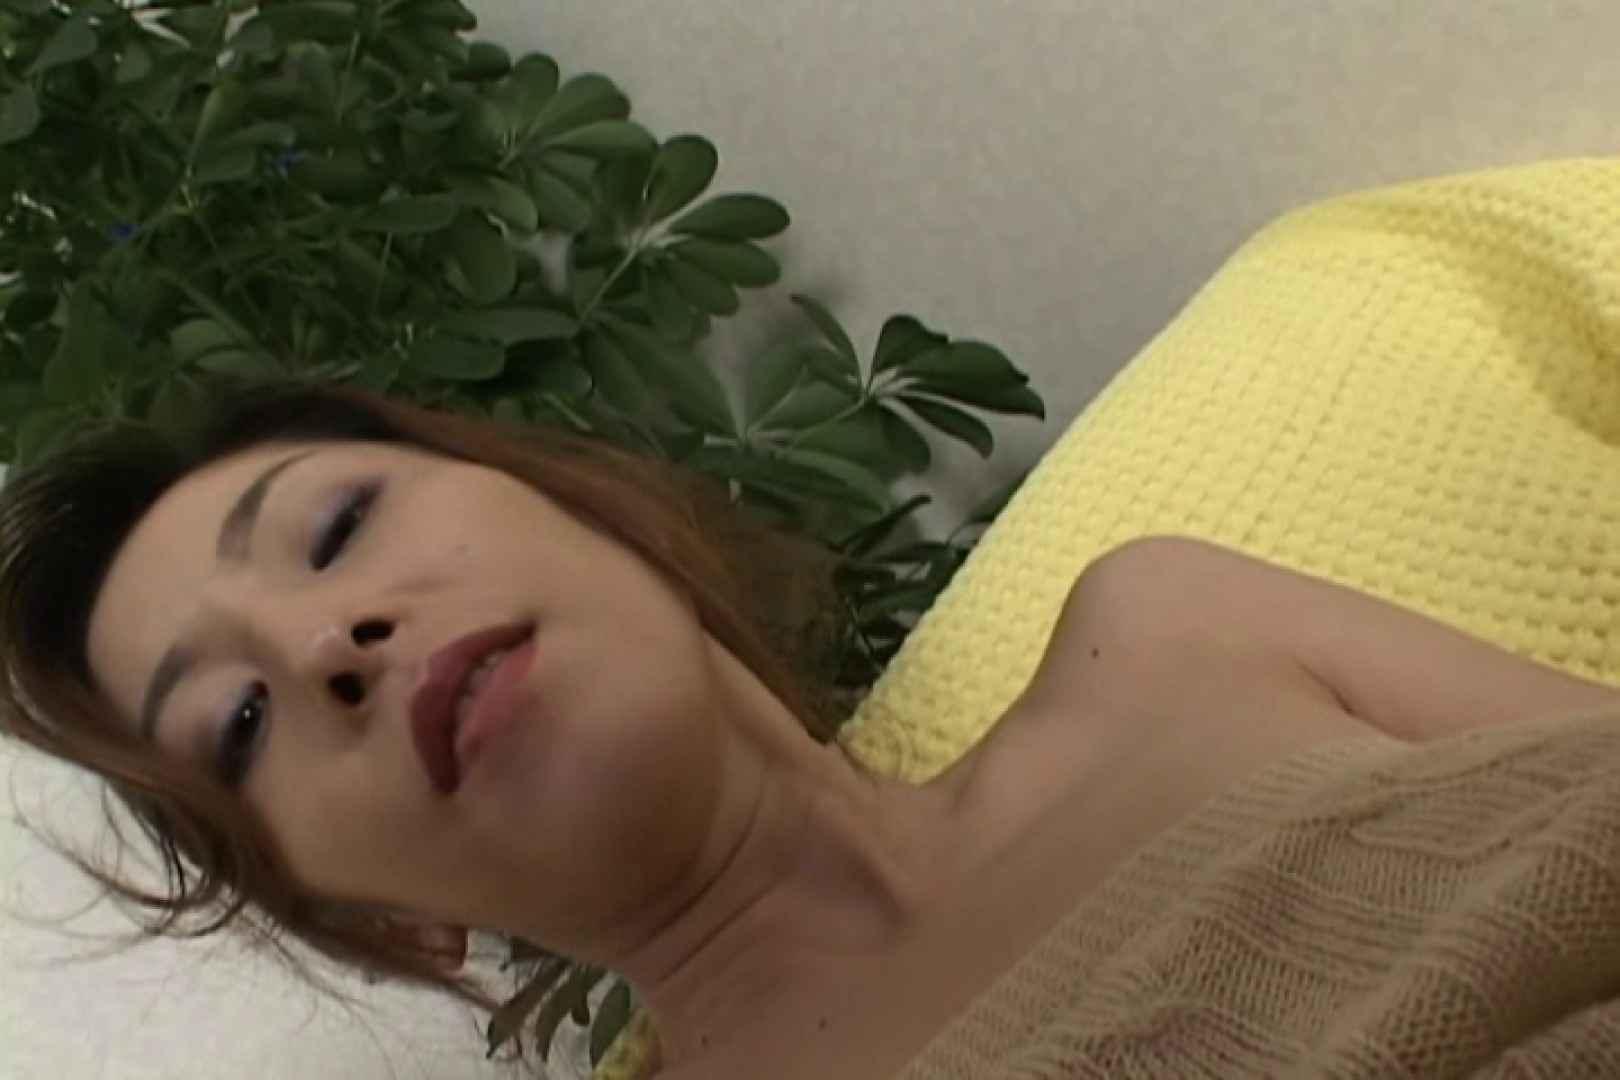 昼間の奥様は欲求不満 ~榊原栄子~ SEX映像  101pic 57